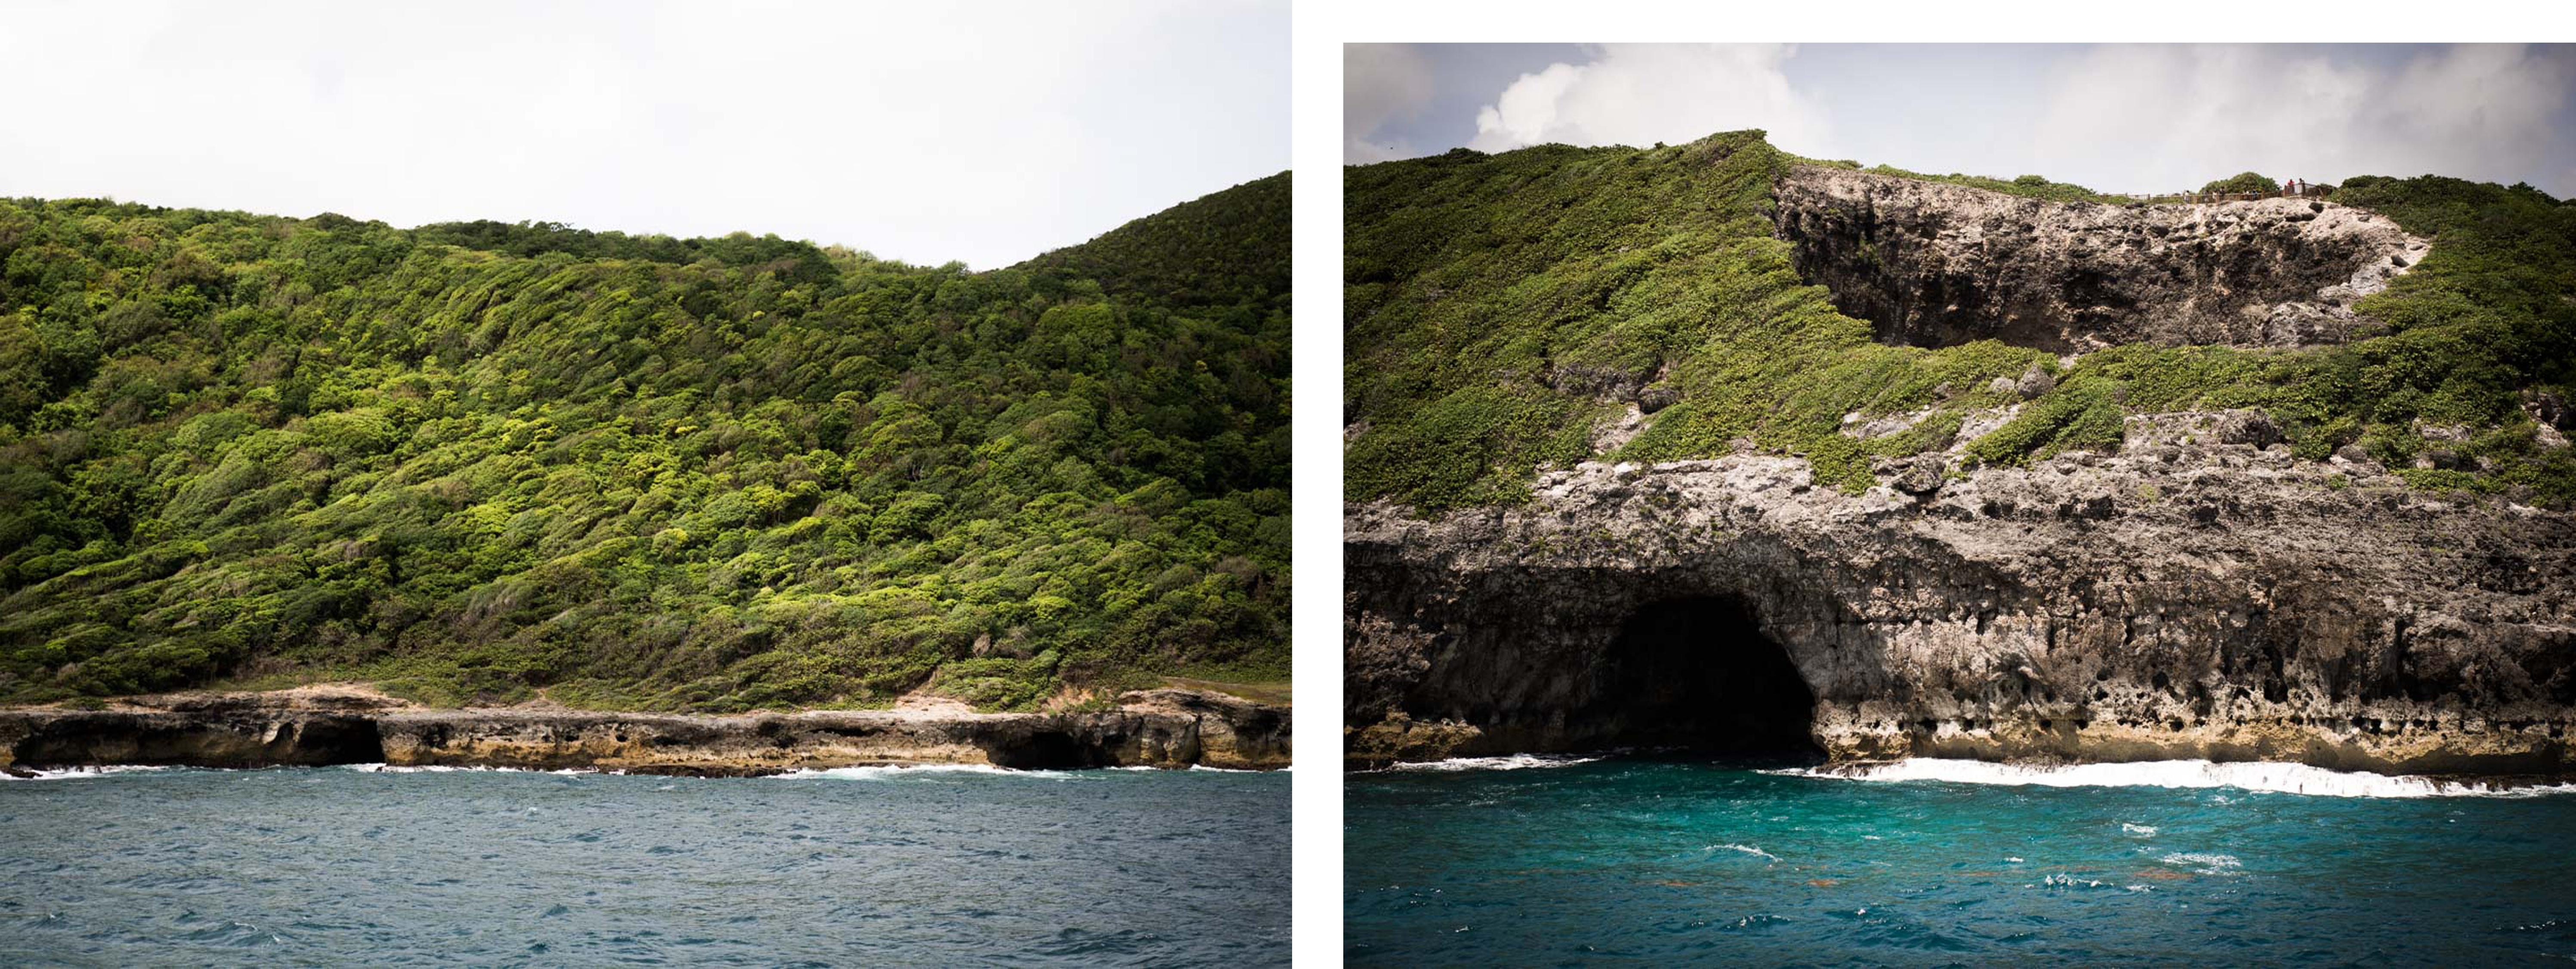 échappée bleue à Marie Galante - gueule grand gouffre vue de la mer - que voir à marie galante